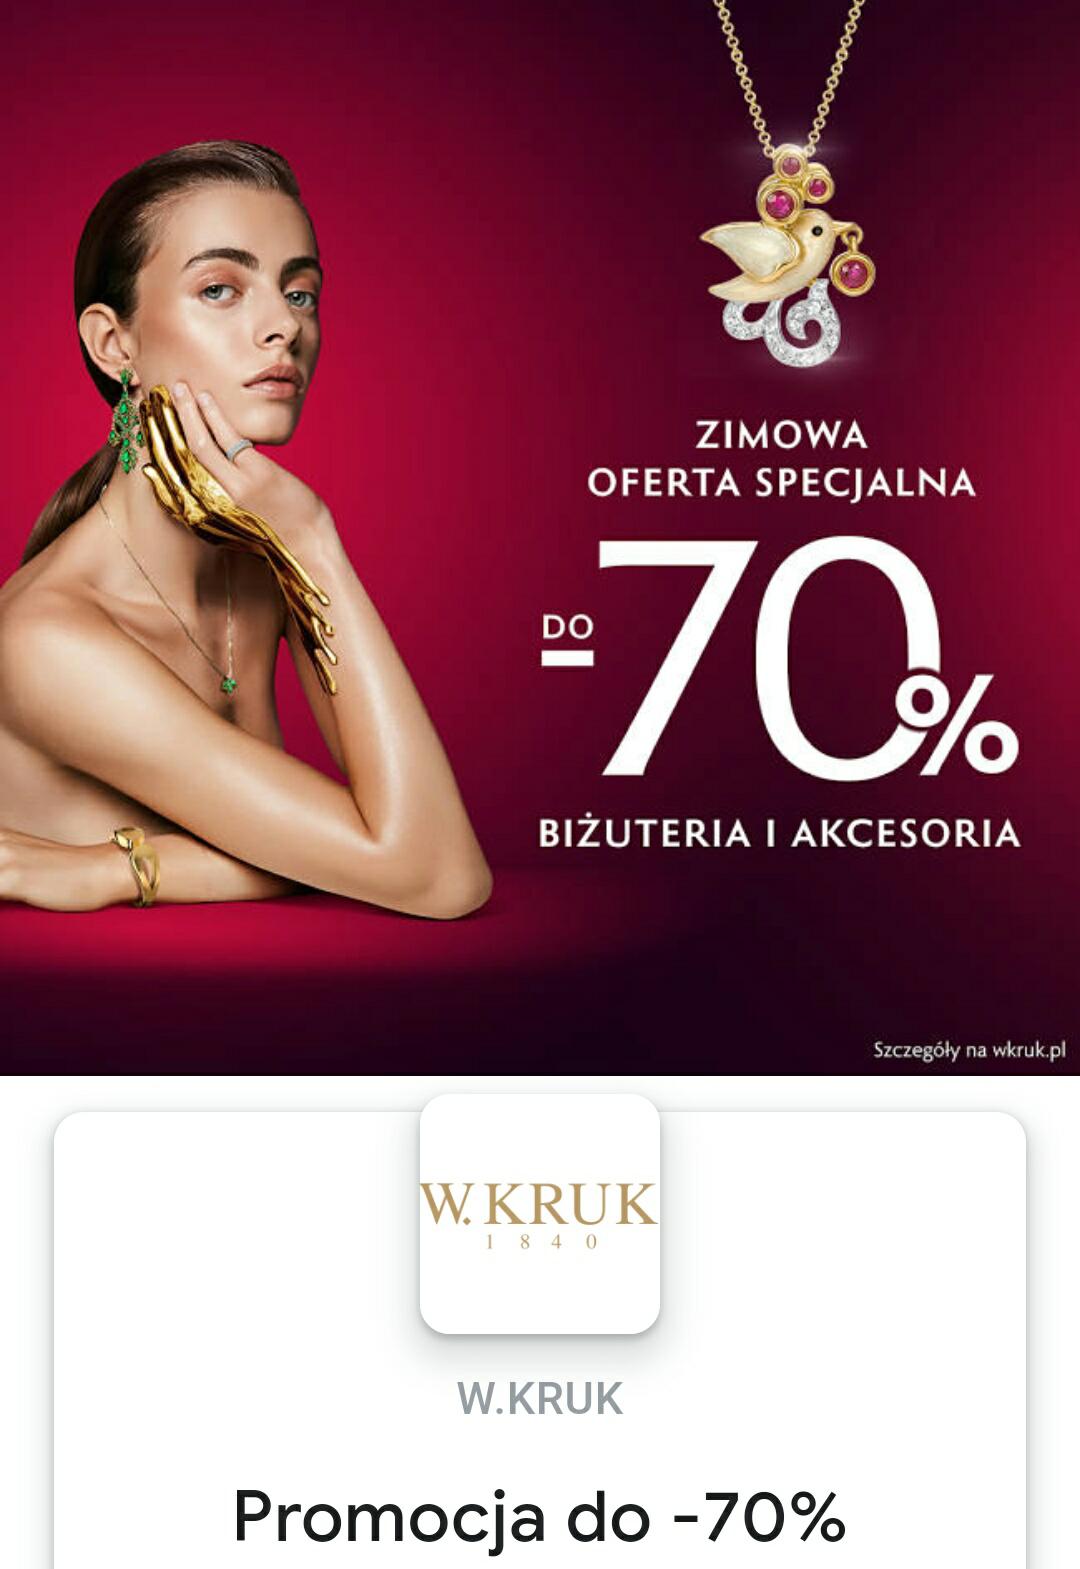 KRUK biżuteria i akcesoria do 70% taniej